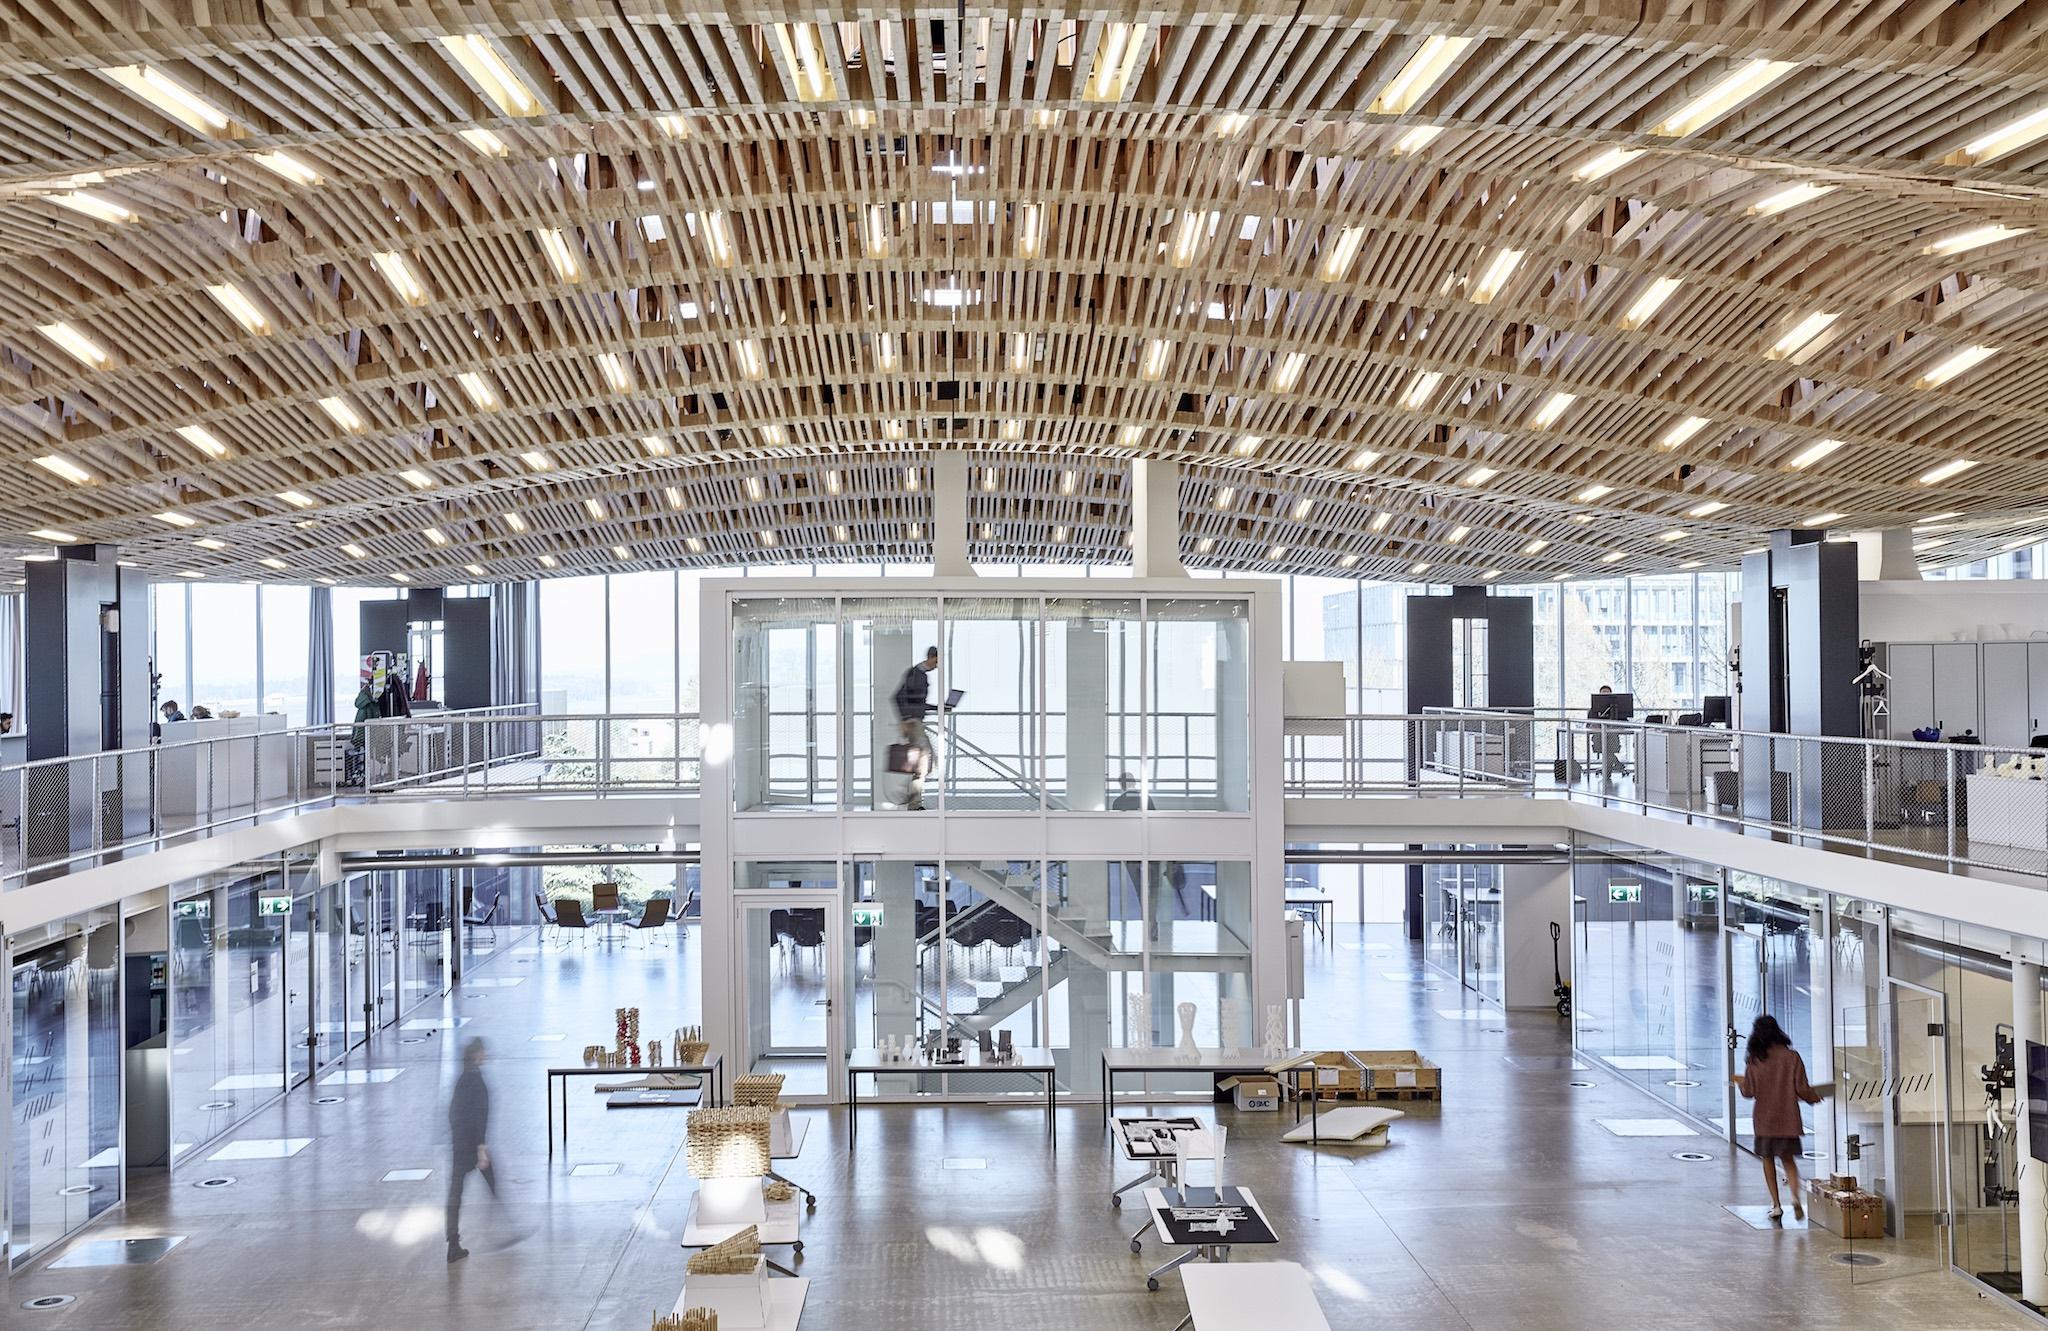 Neue Technologien: Für dieses Holzdach haben Roboter rund 50 000 Holzlatten zusammengenagelt. Das Bauwerk erstreckt sich über ein Forschungsinstitut der ETH Zürich.Bild Andrea Diglas, ITA, Arch-Tec-Lab AG